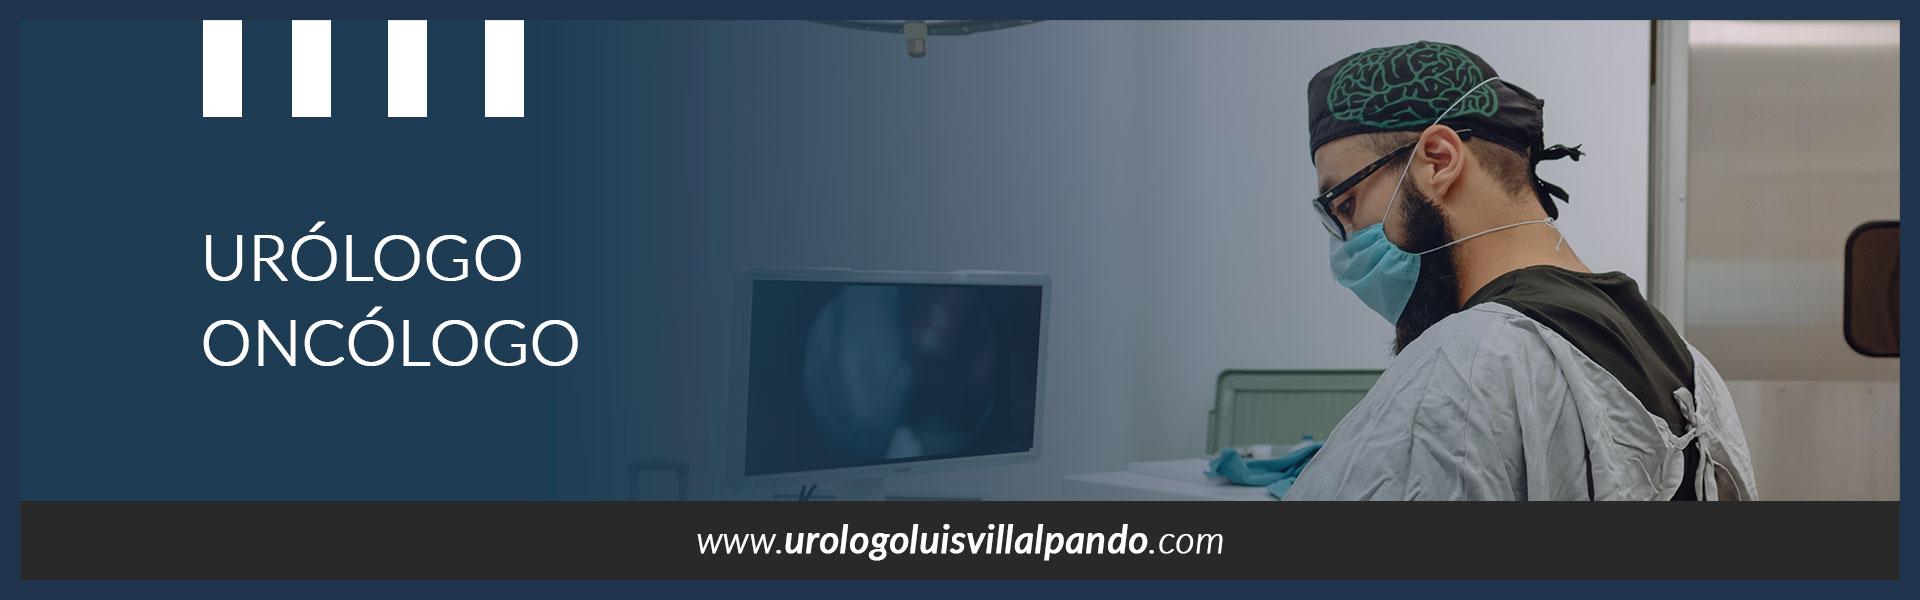 Urólogo Oncólogo